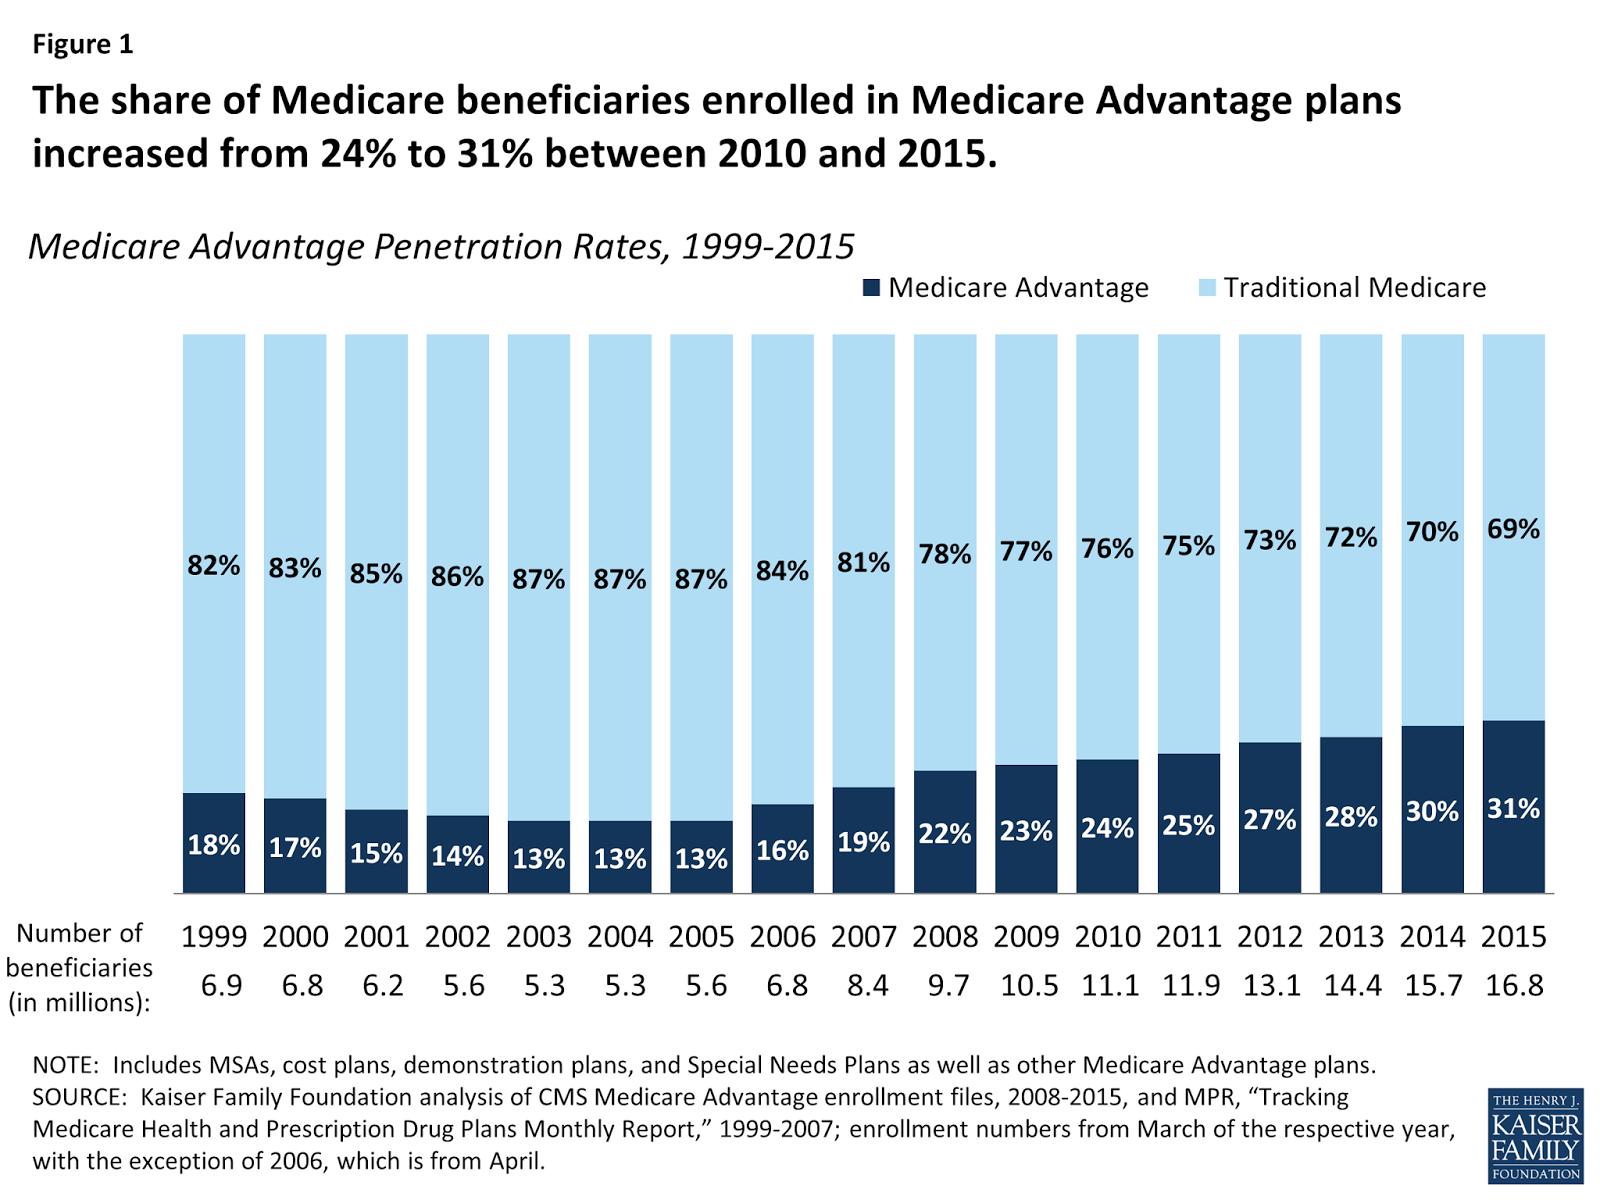 Medicare Advantage Penetration